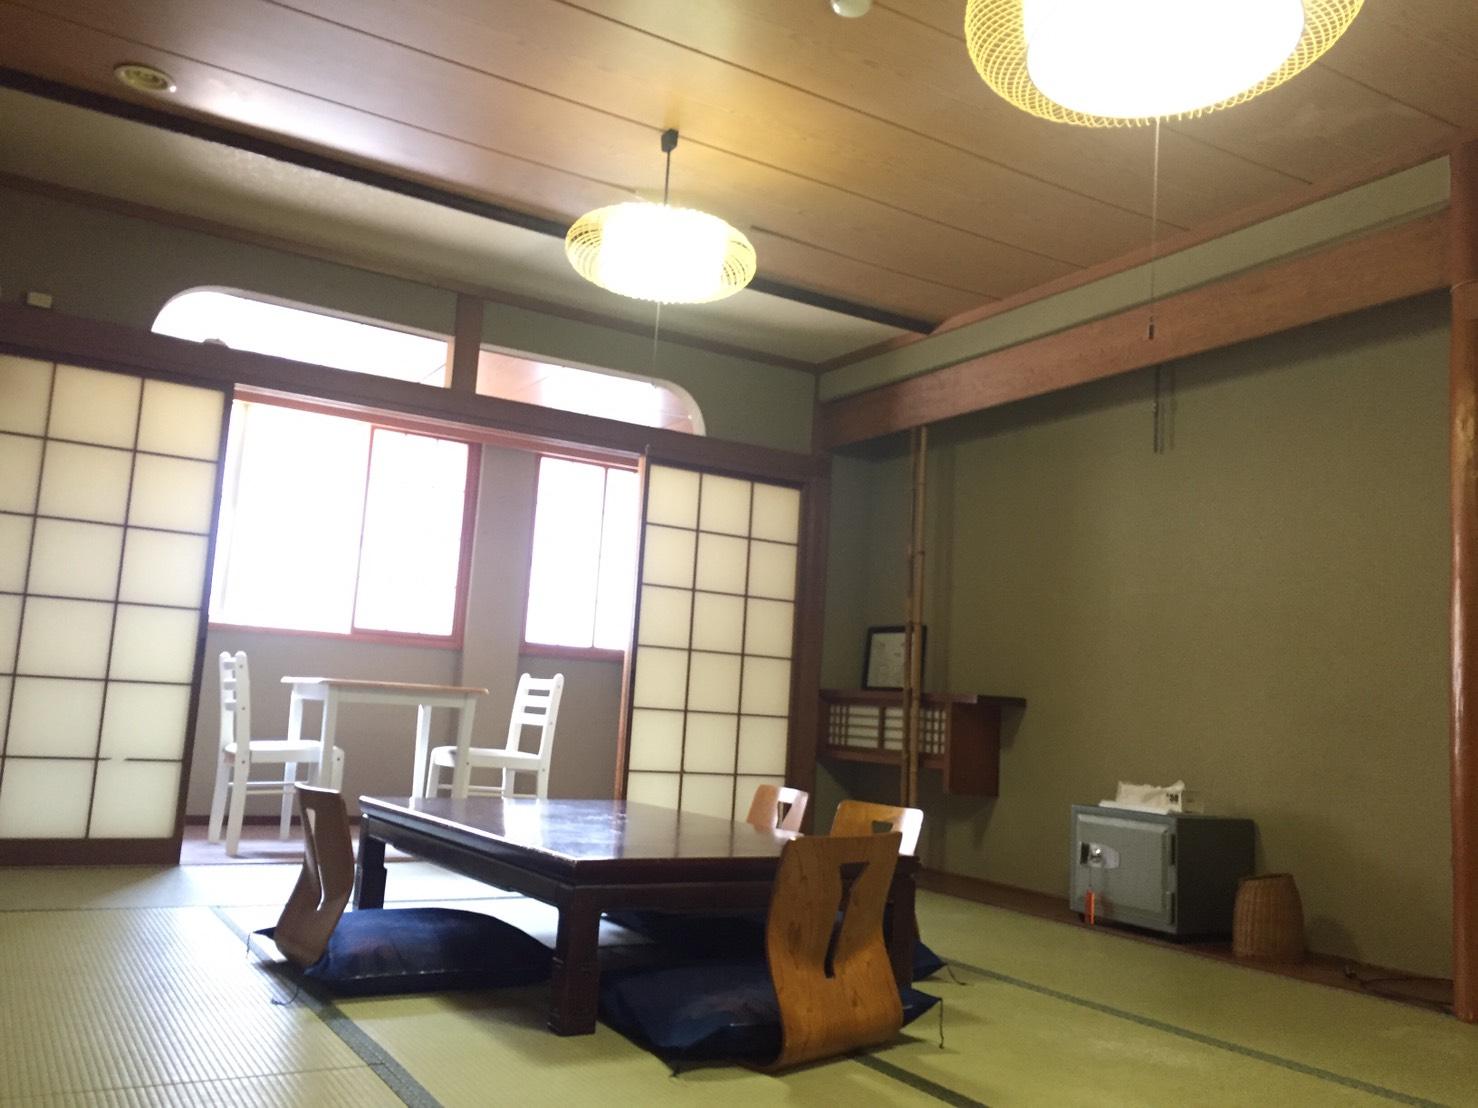 個室コンパクト4人部屋の写真